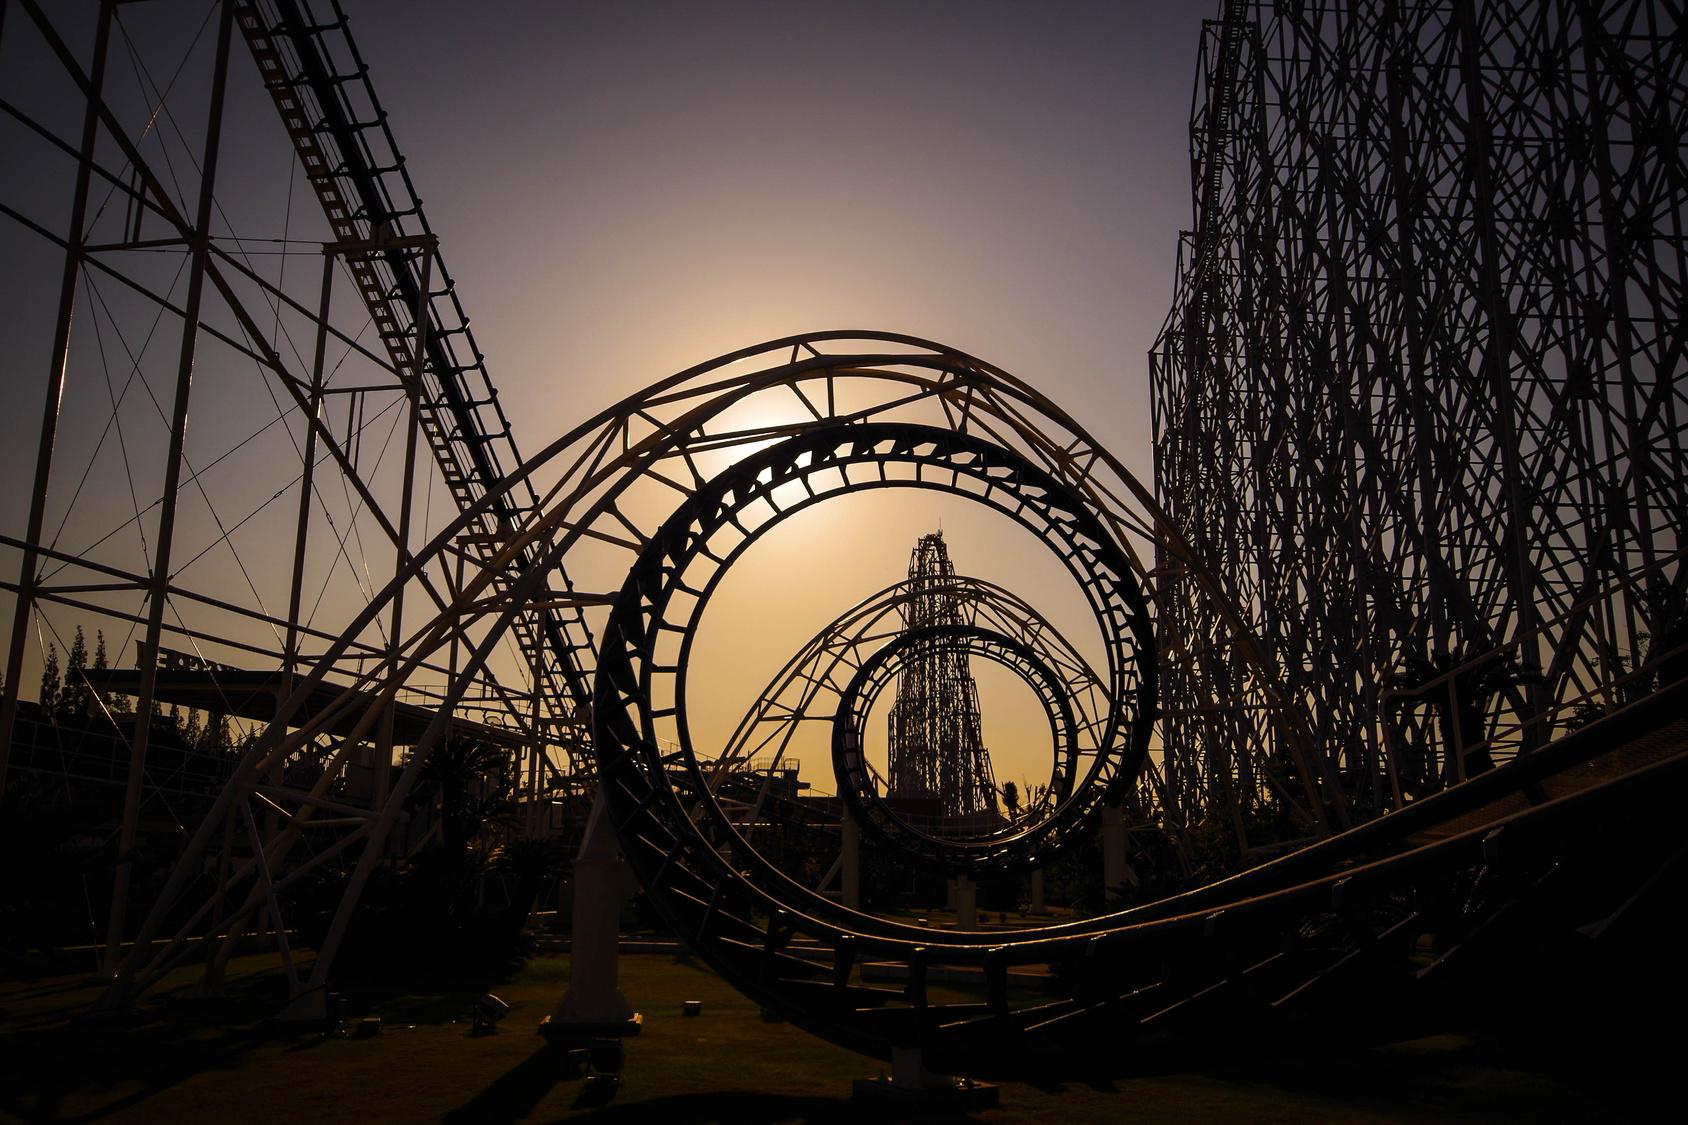 Zakaz krzyku na rollercoasterze Biuro podróży Goforworld by Kuźniar